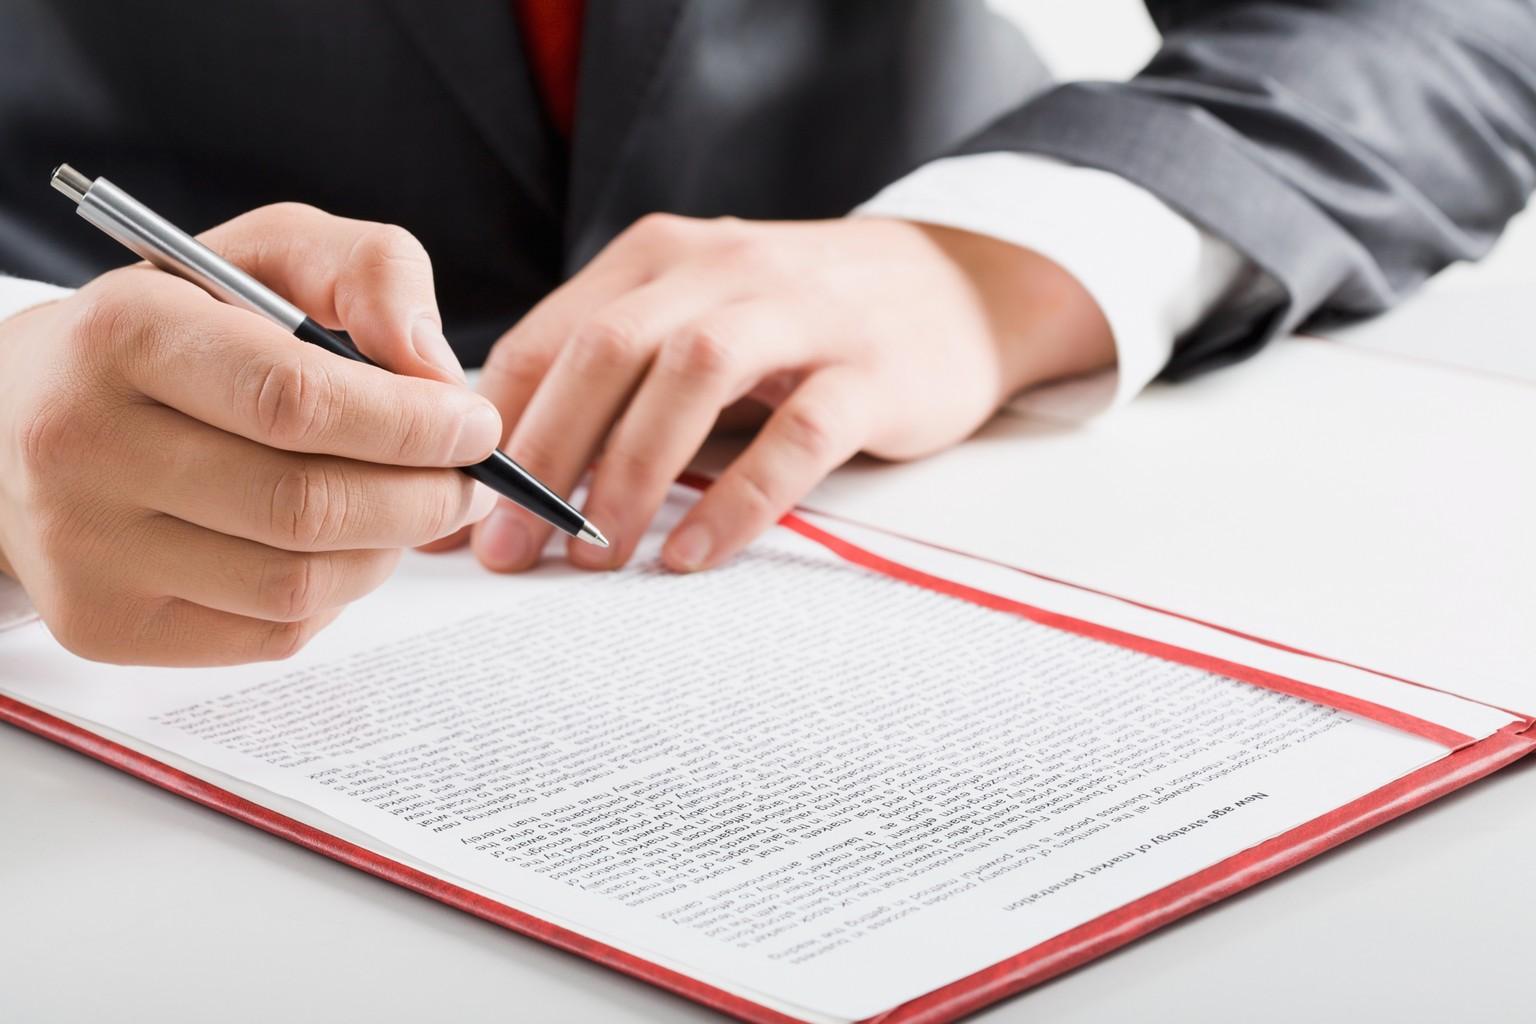 Le blog immobilier des particuliers un compromis de vente ne se signe pas - Droit de vente immobilier ...